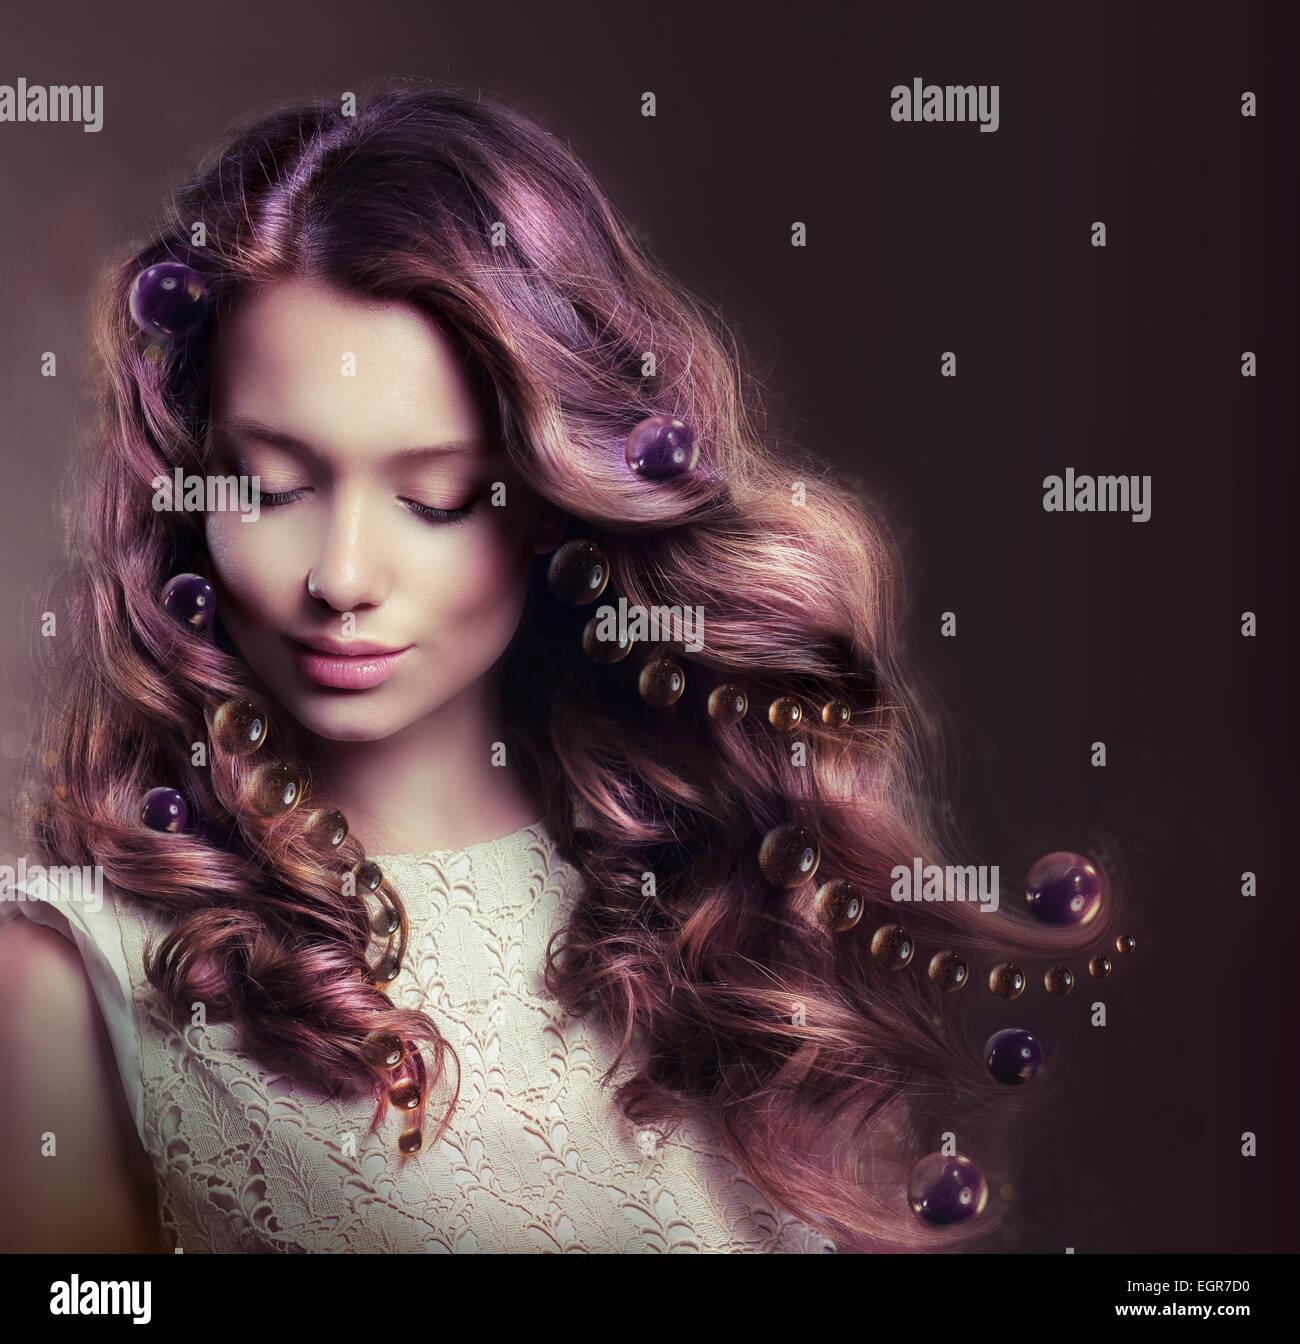 Belleza Retrato de mujer joven con el pelo que fluye Imagen De Stock